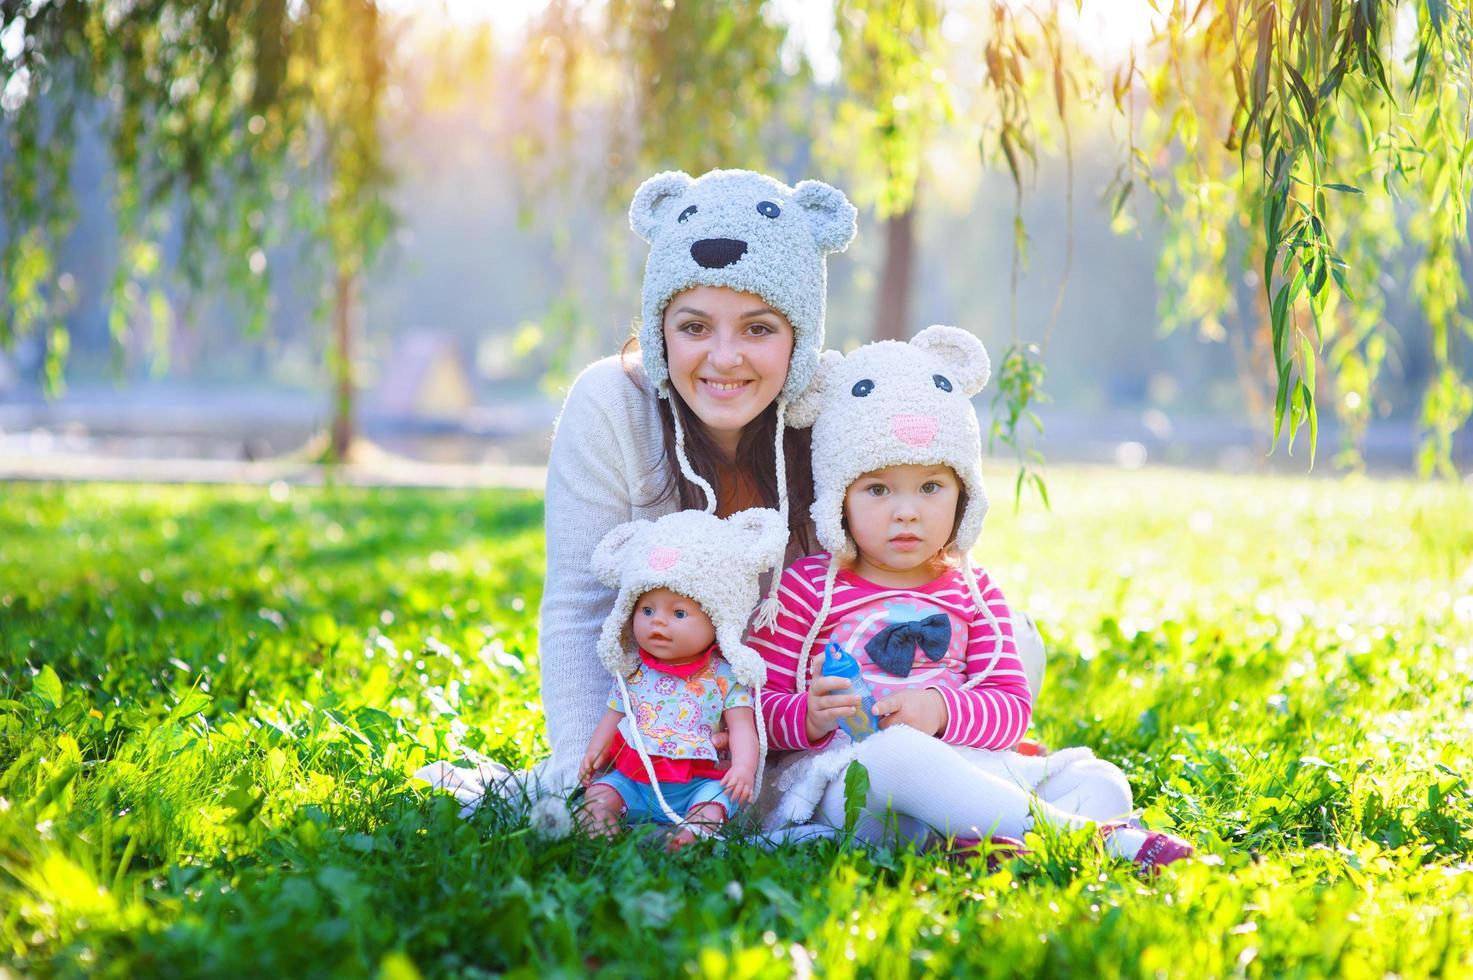 maman et fille jouant dans le parc avec une poupée photo